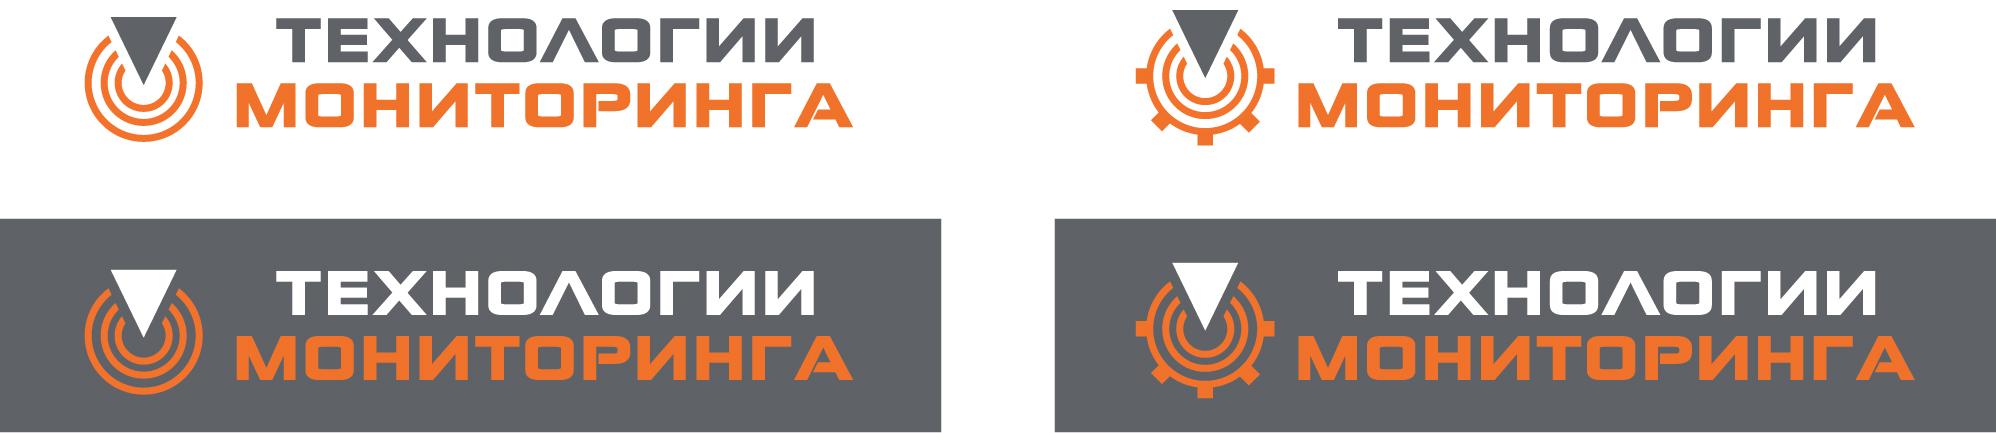 Разработка логотипа фото f_825596f1d21908f9.jpg